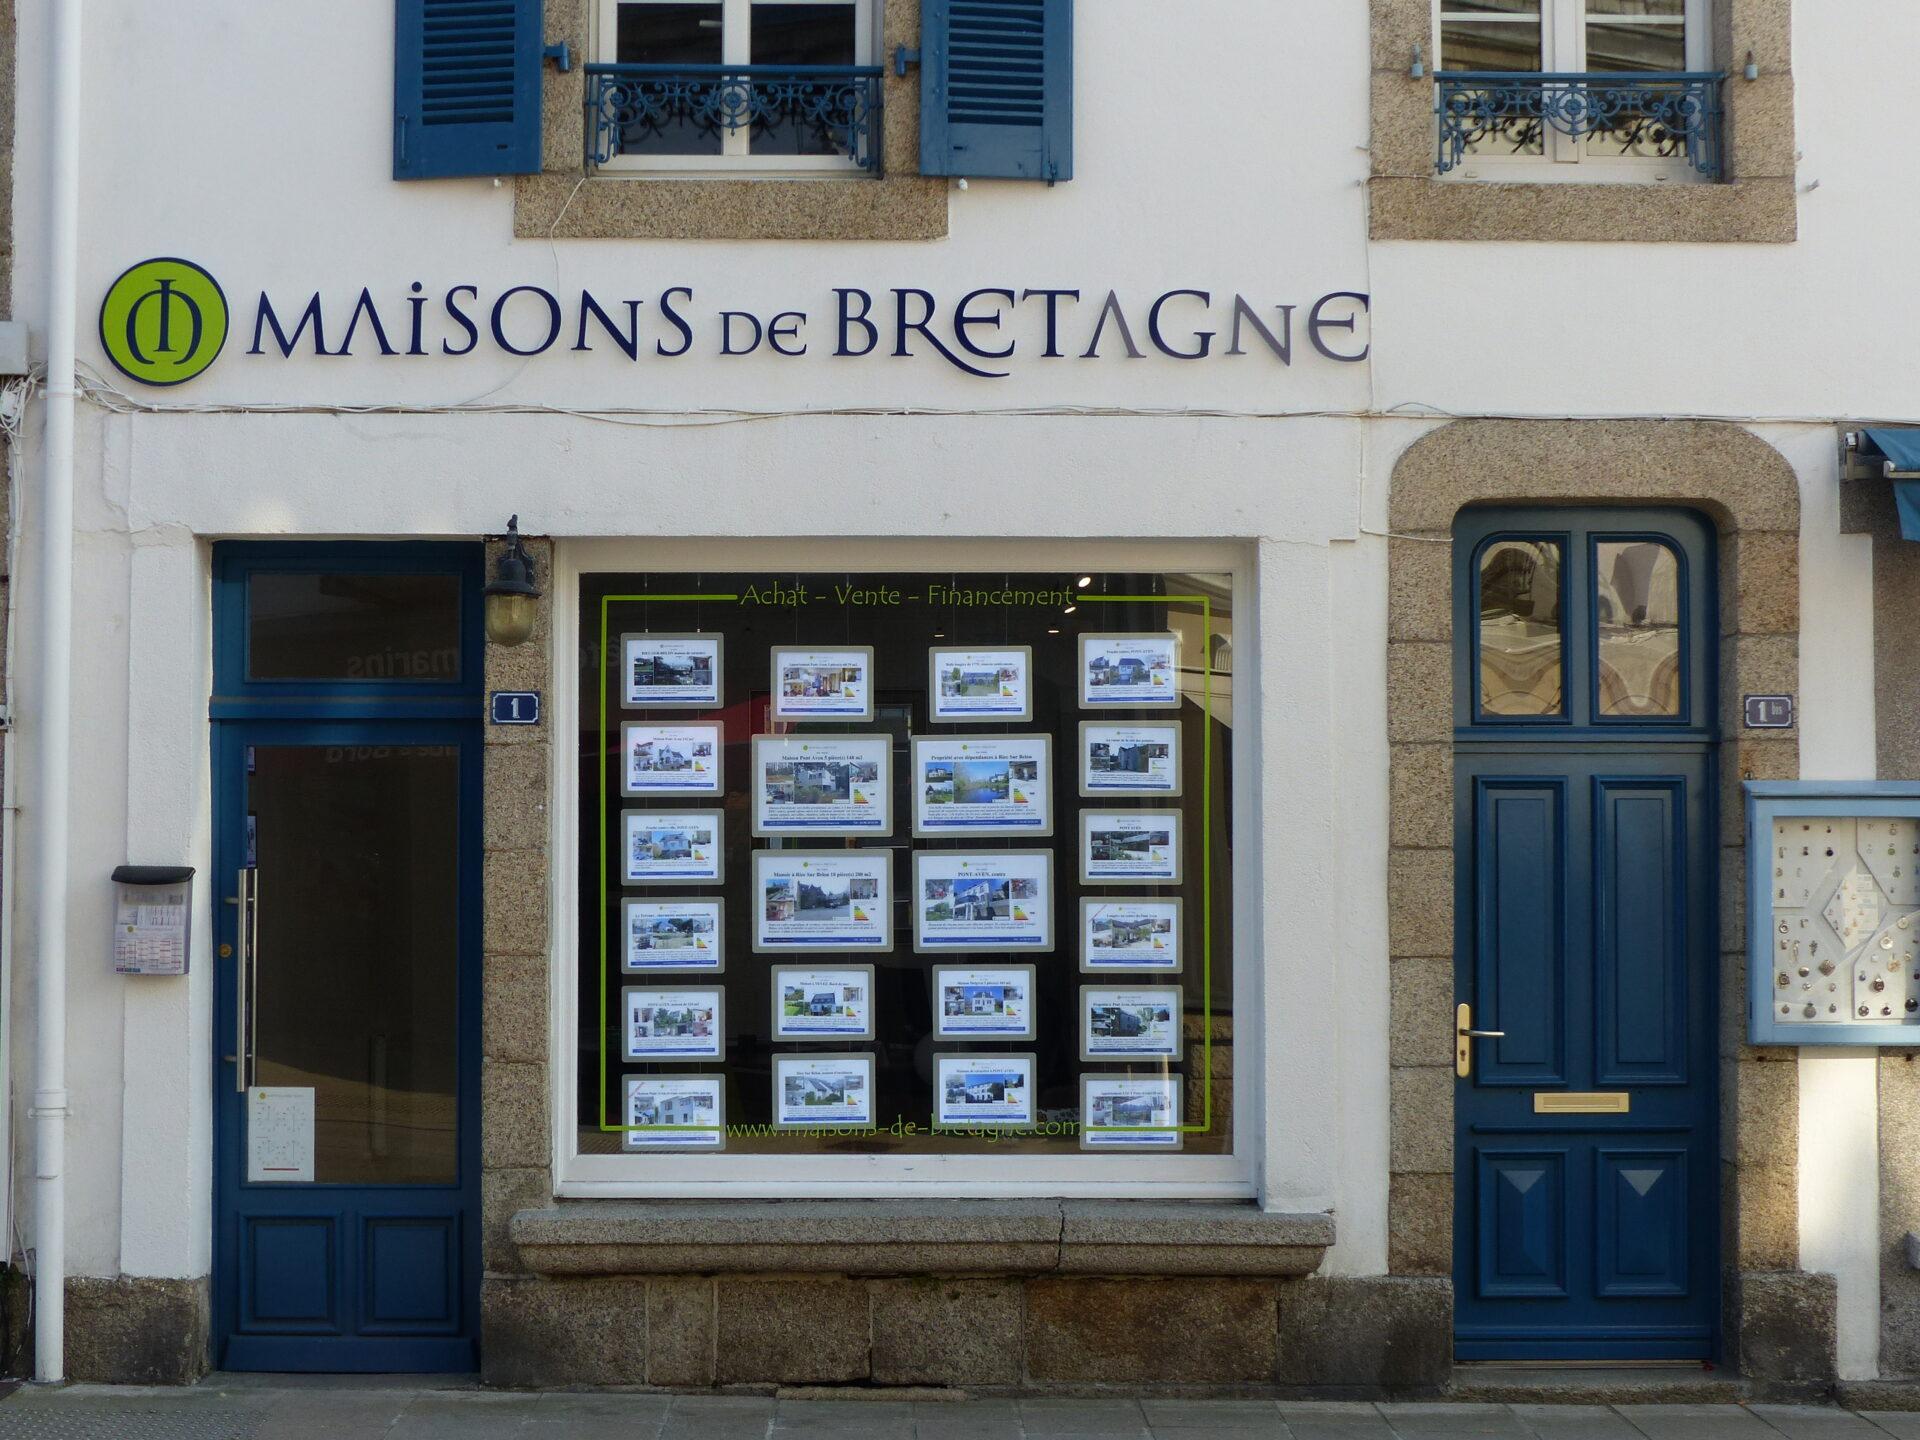 Maisons de Bretagne